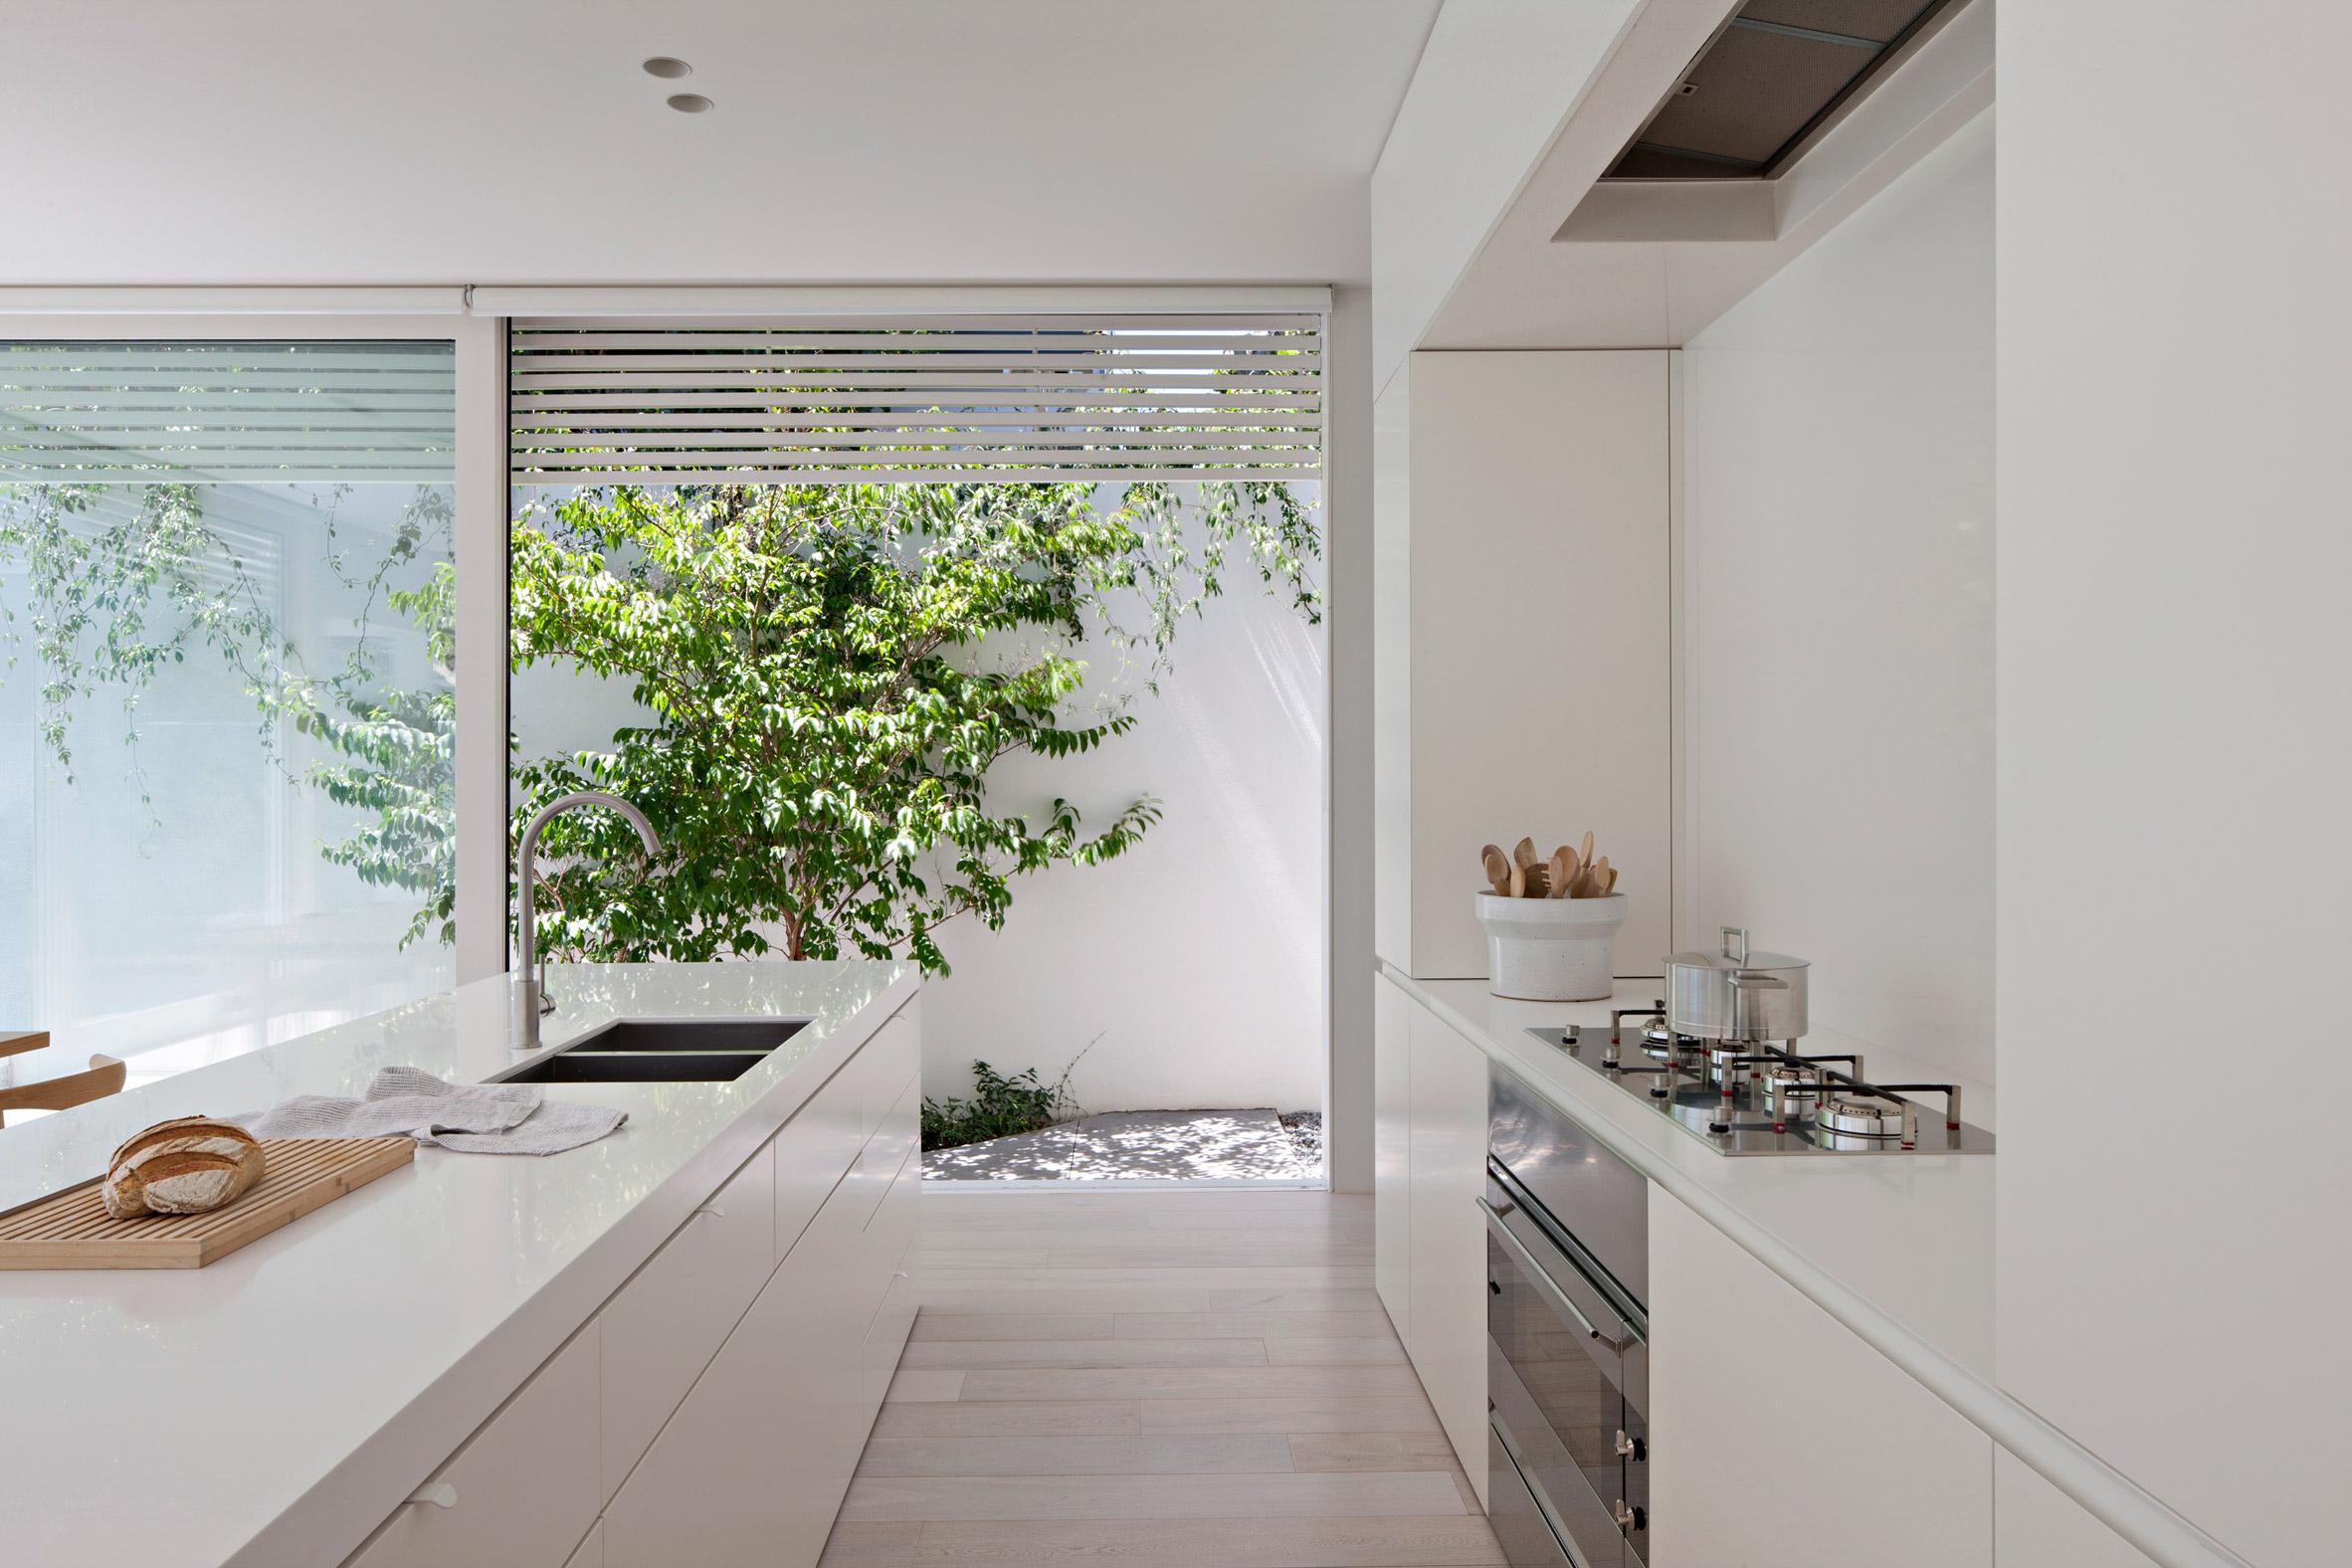 一座纯白的房子,将花园移到房屋中央,不再受行人熙熙攘攘的干扰